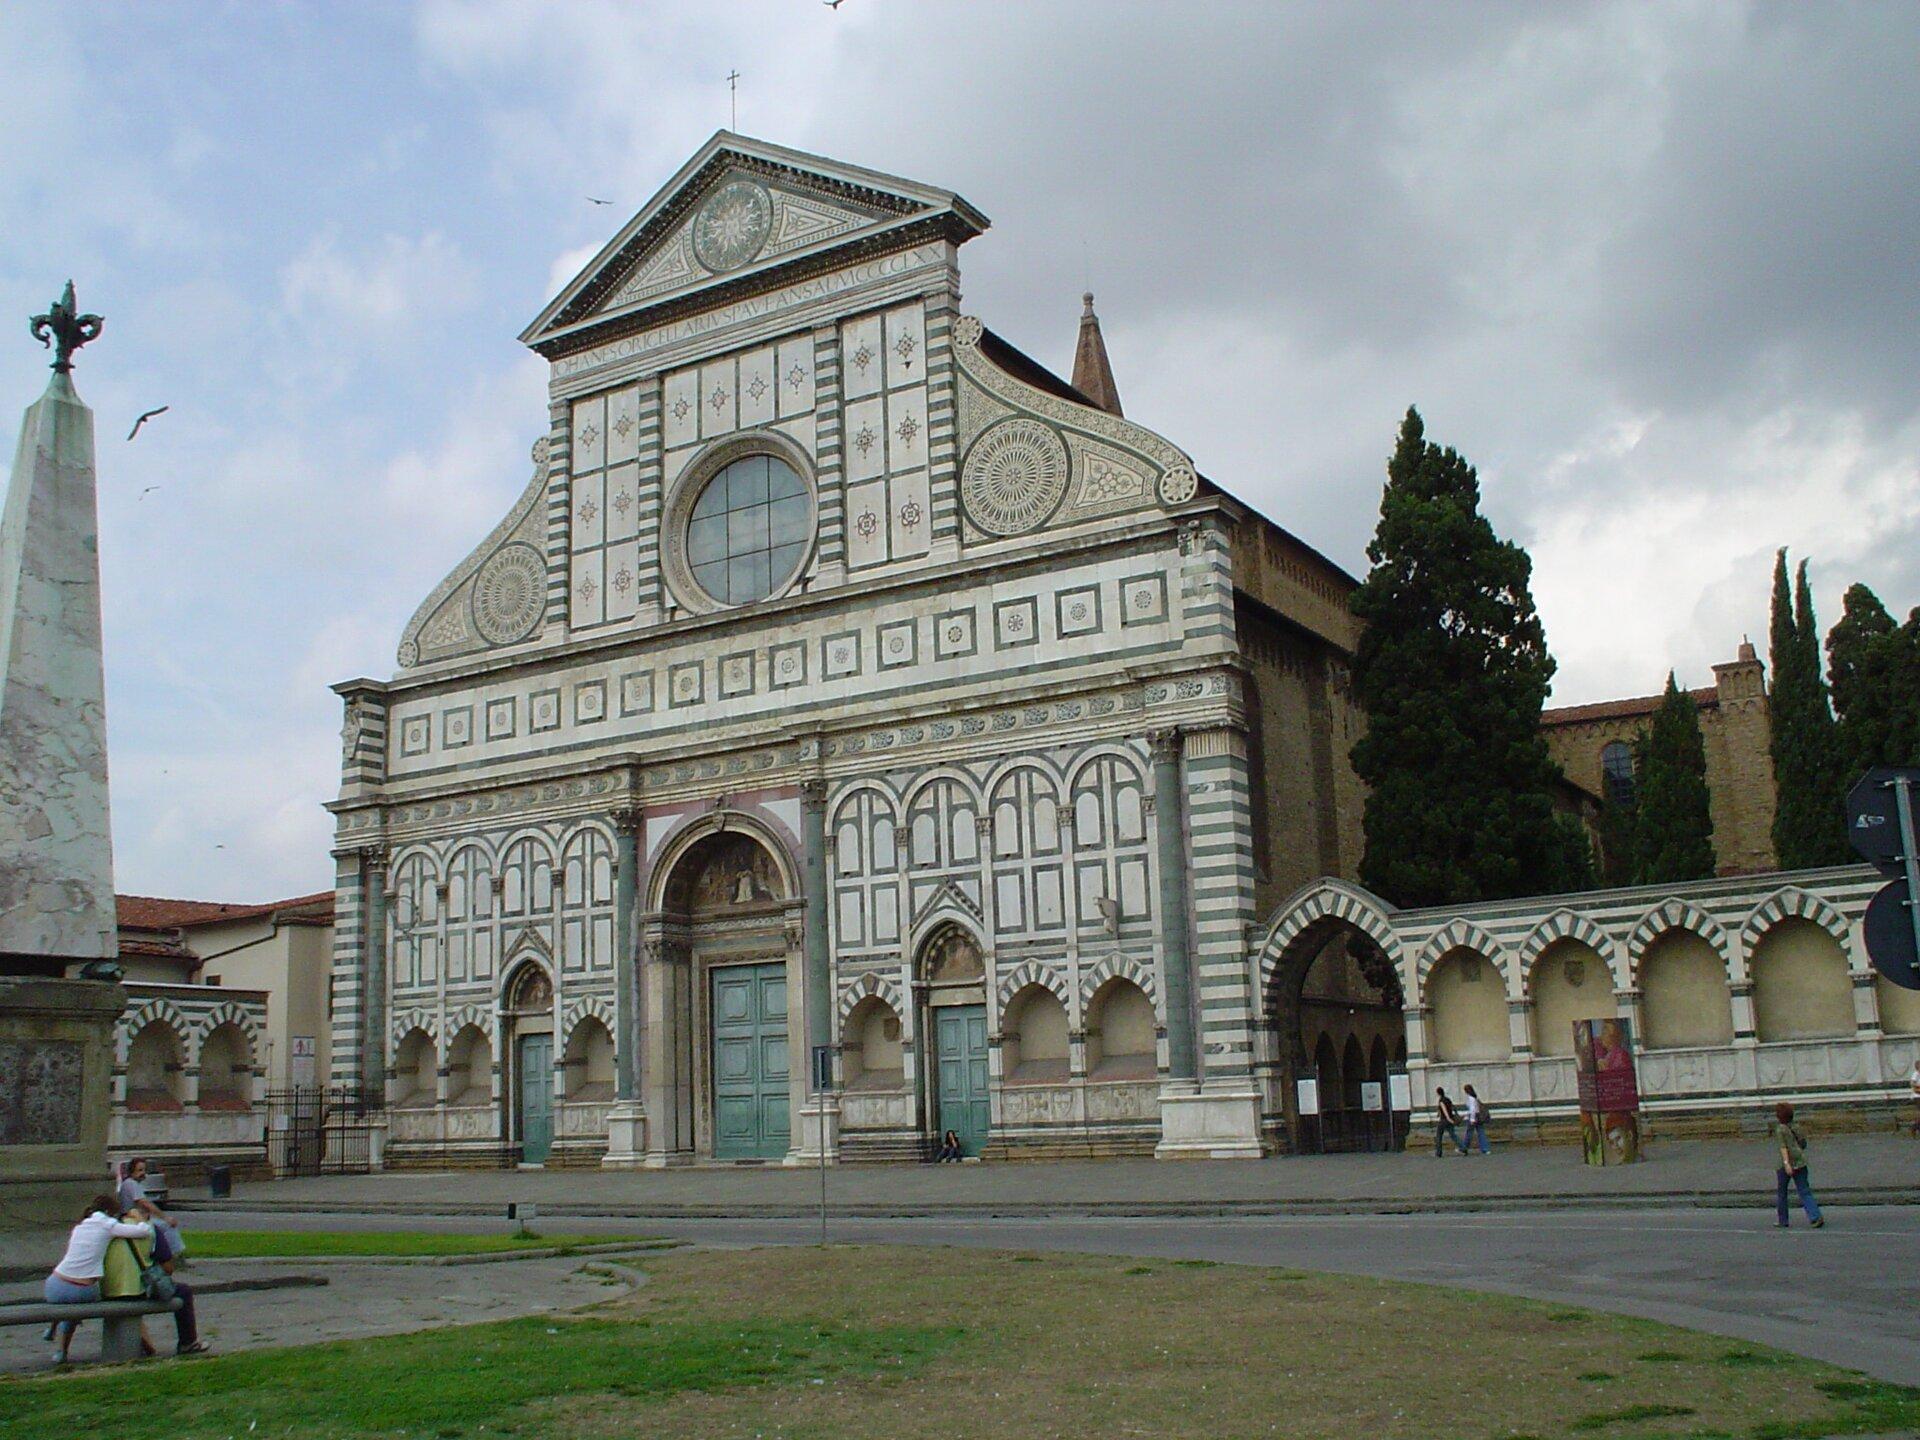 Fasada kościoła Santa Maria Novella we Florencji.Fasadaśredniowiecznego kościoła przyklasztornego dominikanów zaprojektowana została przez znanego teoretyka architektury renesansowej L.B. Albertiego iwykonana wlatach 1456-1470. Zwróć uwagę na połączenie elementów gotyckich wpostaci kilku zwieńczeń ostrołukowych zdominującymi łukami półkolistymi nawiązującymi do tradycji rzymskich łuków triumfalnych. Ważnym elementem było zastosowanie spływów wolutowych - wykończeń dachu wkształcie ślimacznicy stanowiących zamknięcie połaci dachowej między wyższą nawą główną aniższymi nawami bocznymi. Stanie się to stałym elementem późniejszych fasad renesansowych, aprzede wszystkim barokowych. Fasada kościoła Santa Maria Novella we Florencji.Fasadaśredniowiecznego kościoła przyklasztornego dominikanów zaprojektowana została przez znanego teoretyka architektury renesansowej L.B. Albertiego iwykonana wlatach 1456-1470. Zwróć uwagę na połączenie elementów gotyckich wpostaci kilku zwieńczeń ostrołukowych zdominującymi łukami półkolistymi nawiązującymi do tradycji rzymskich łuków triumfalnych. Ważnym elementem było zastosowanie spływów wolutowych - wykończeń dachu wkształcie ślimacznicy stanowiących zamknięcie połaci dachowej między wyższą nawą główną aniższymi nawami bocznymi. Stanie się to stałym elementem późniejszych fasad renesansowych, aprzede wszystkim barokowych. Źródło: Maksim, Wikimedia Commons, licencja: CC BY-SA 3.0.